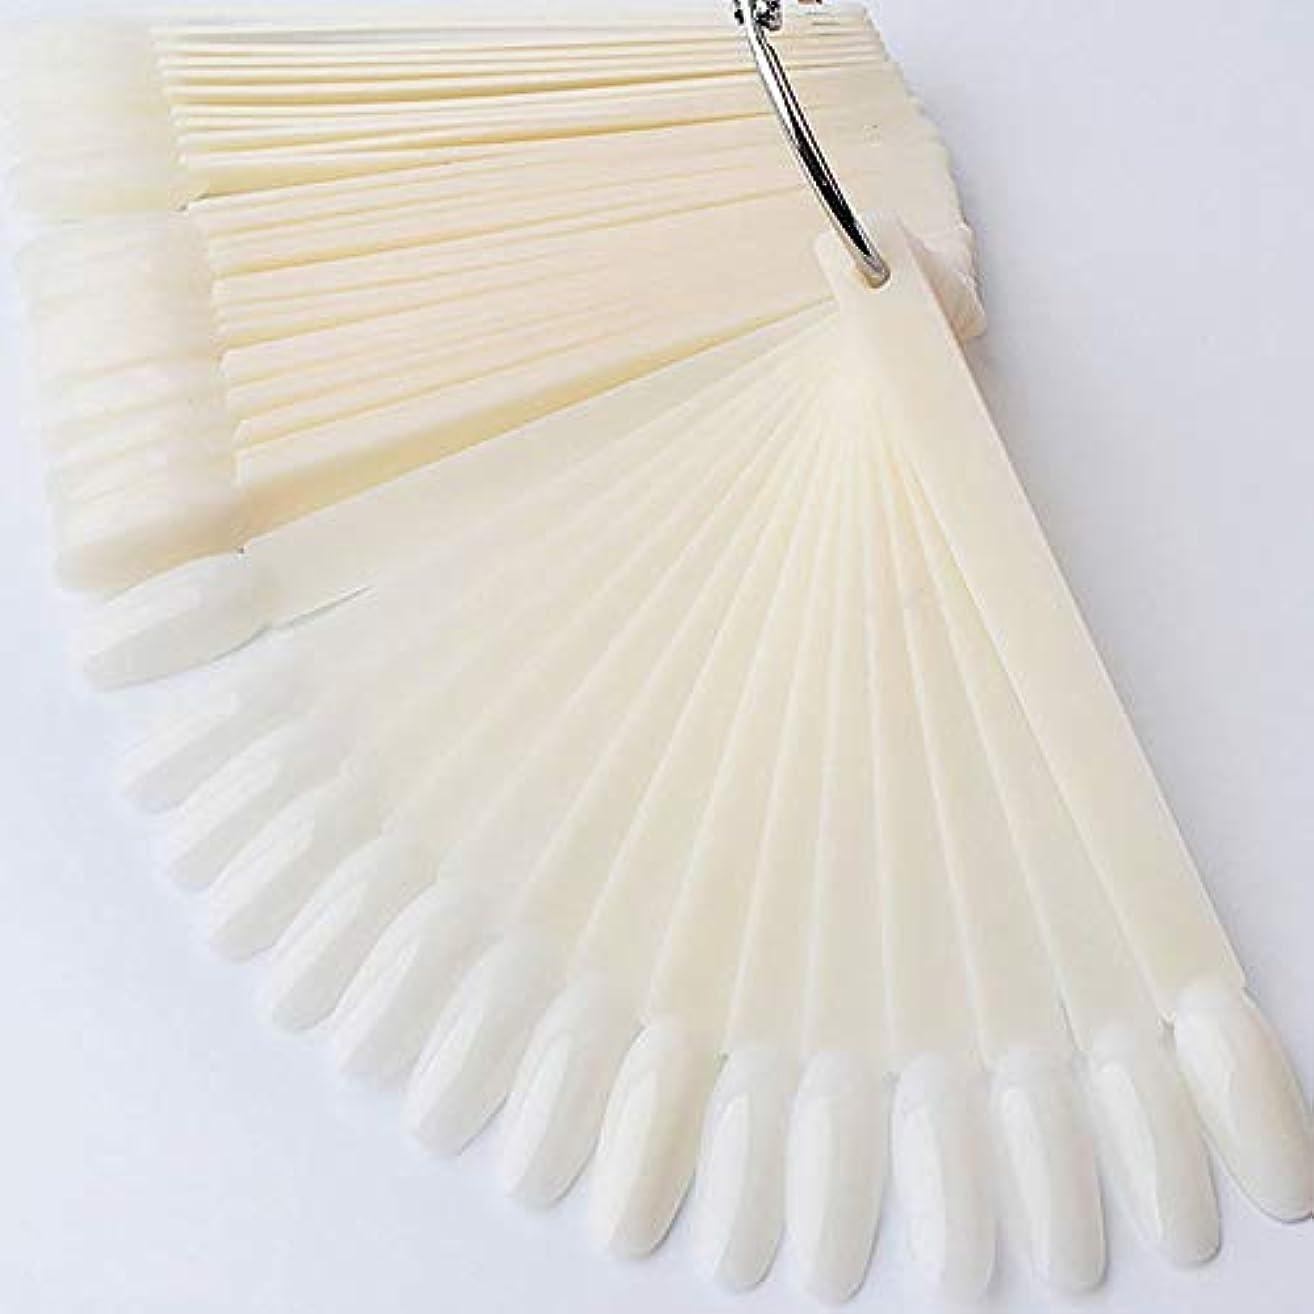 略奪治療モディッシュネイルチップ スティック ネイル用品 練習用 50枚 (アイボリー)